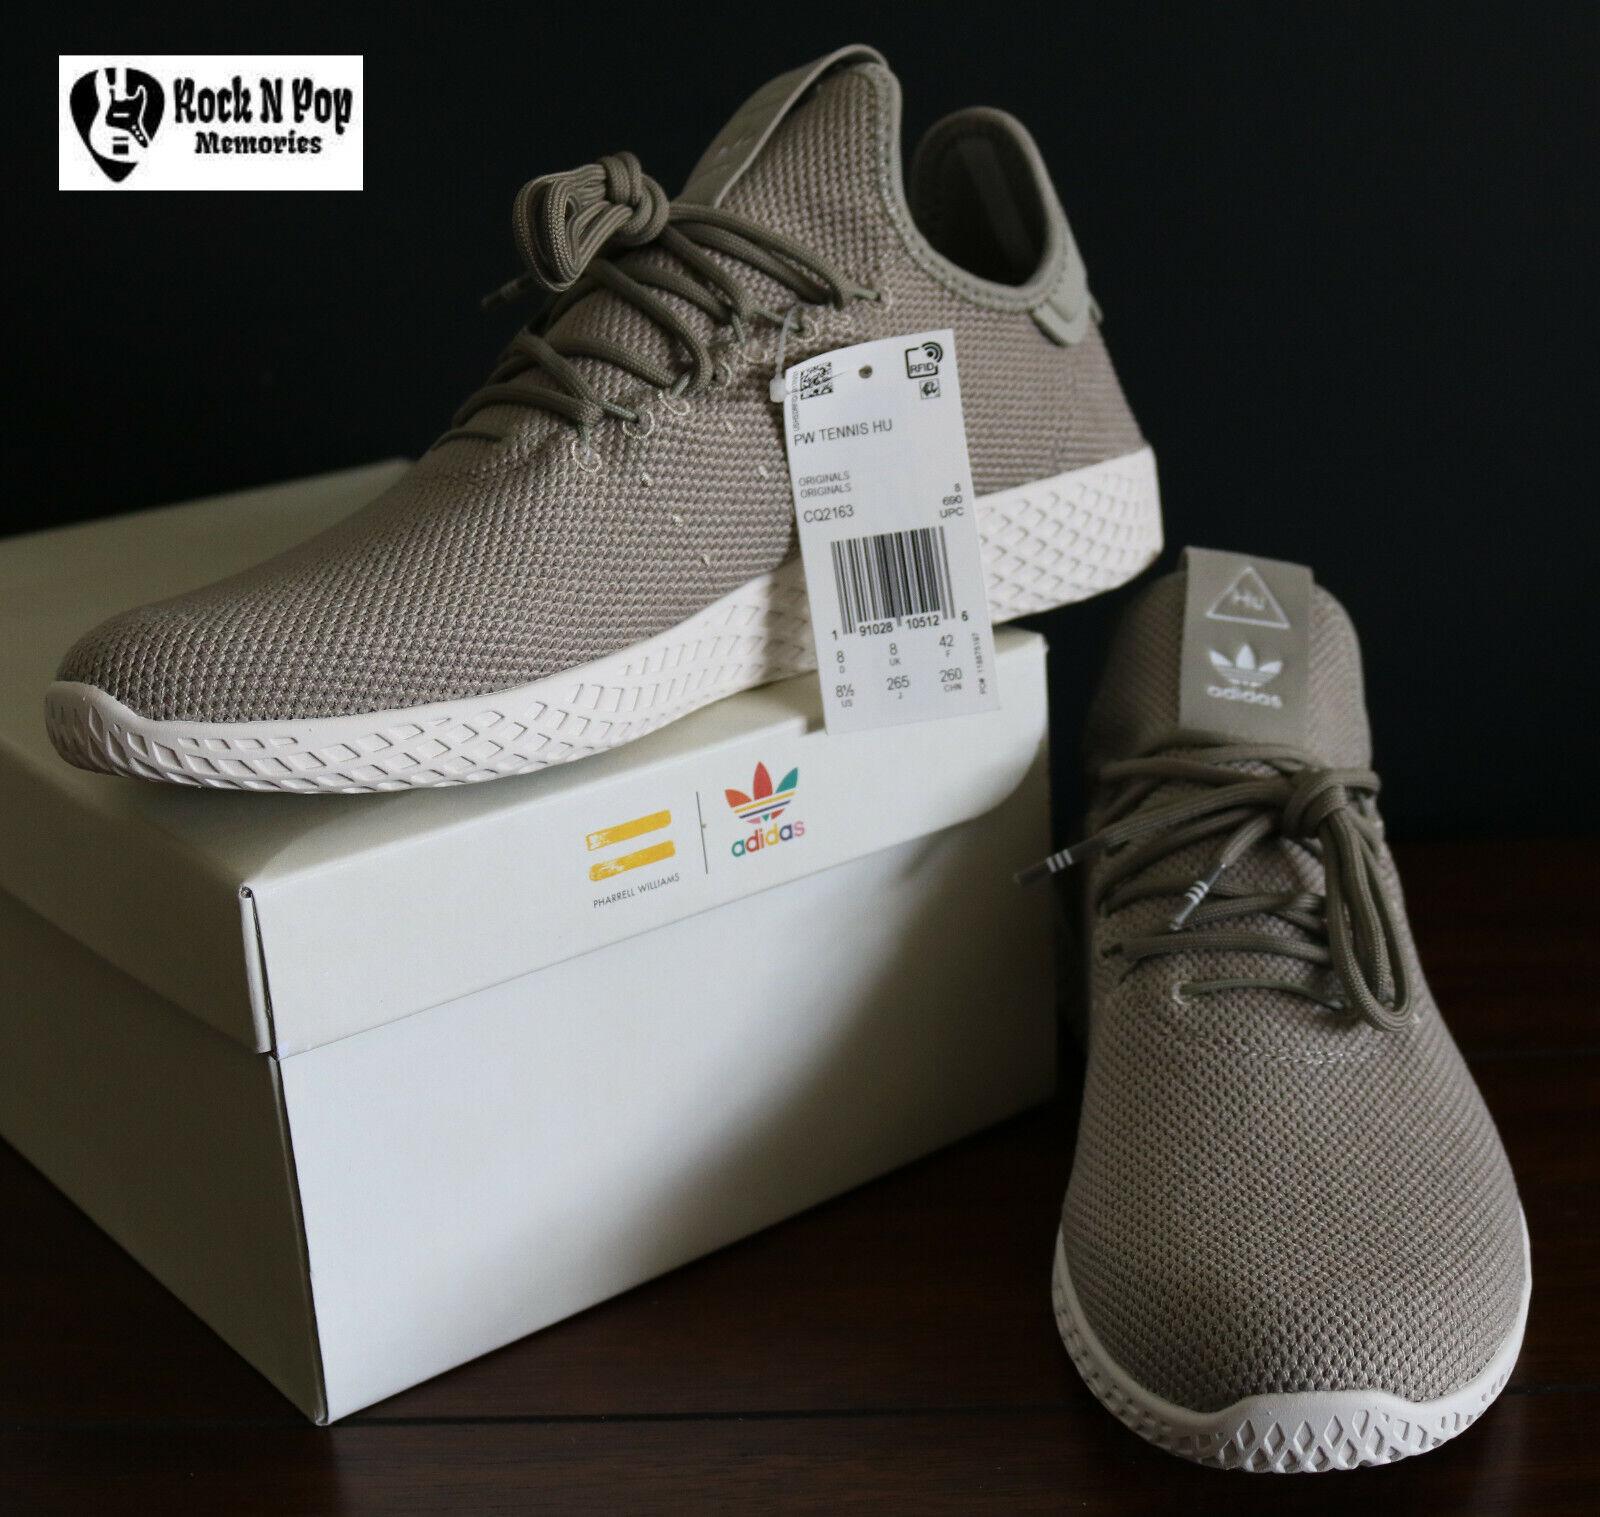 d01dc405c94d1 Mens Adidas Originals Pharrell Williams Tennis HU Beige Tan CQ2163 Shoes